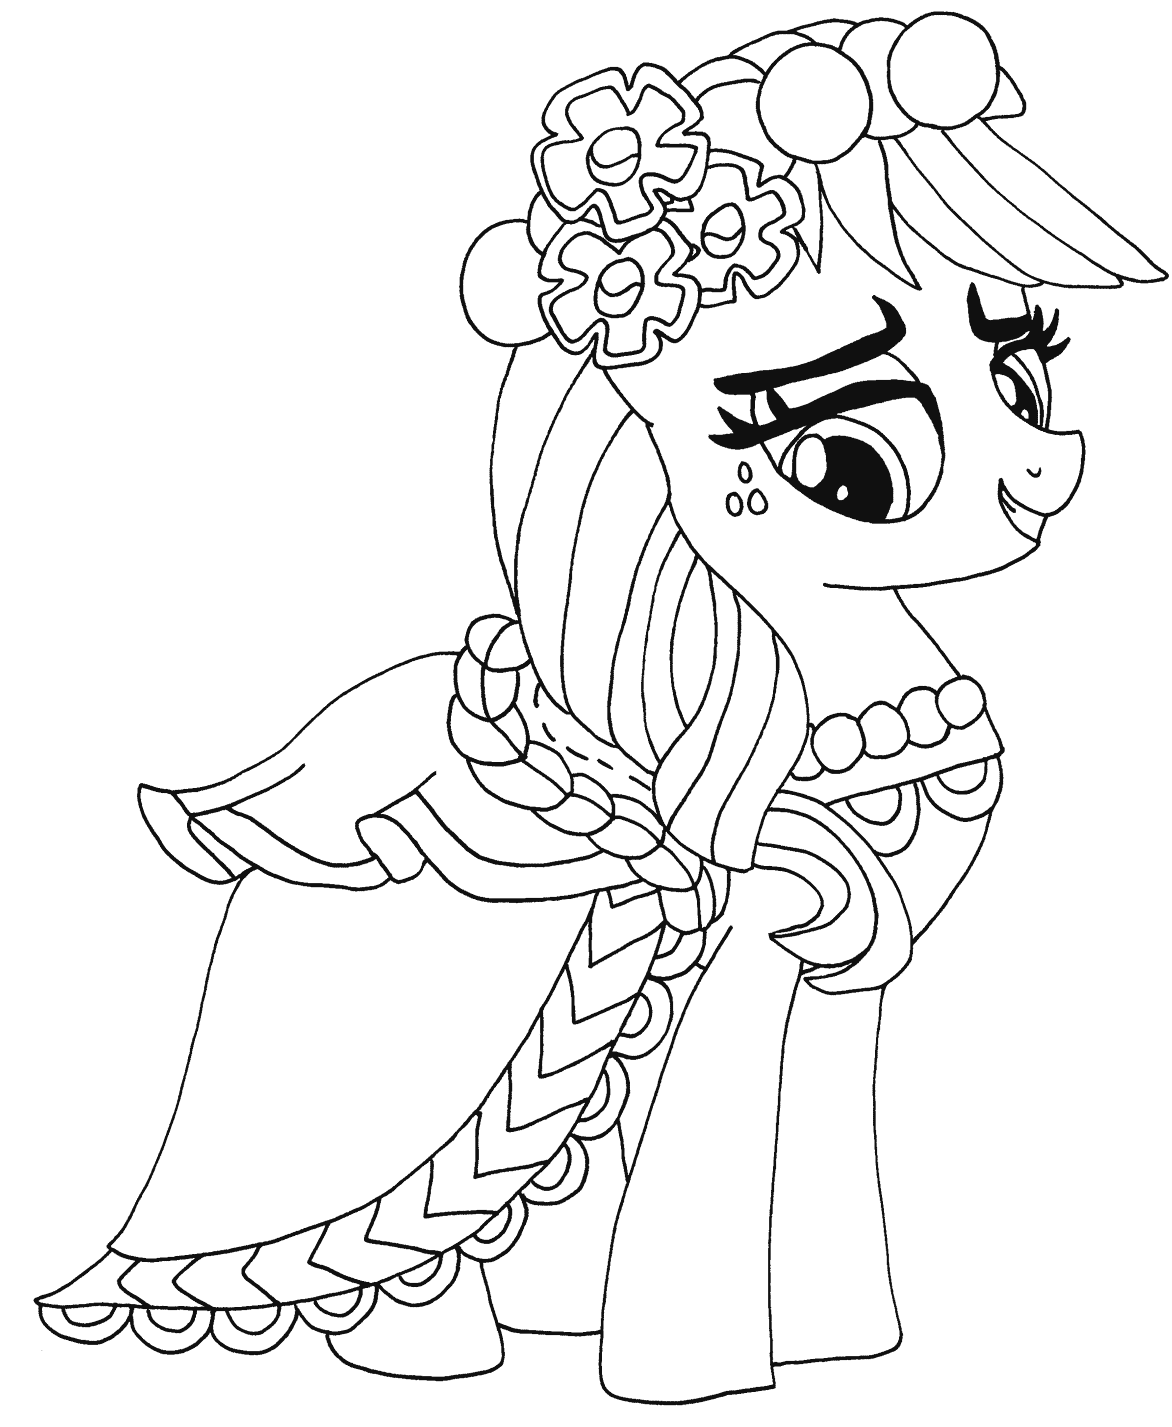 Hình tô màu Pony dễ thương